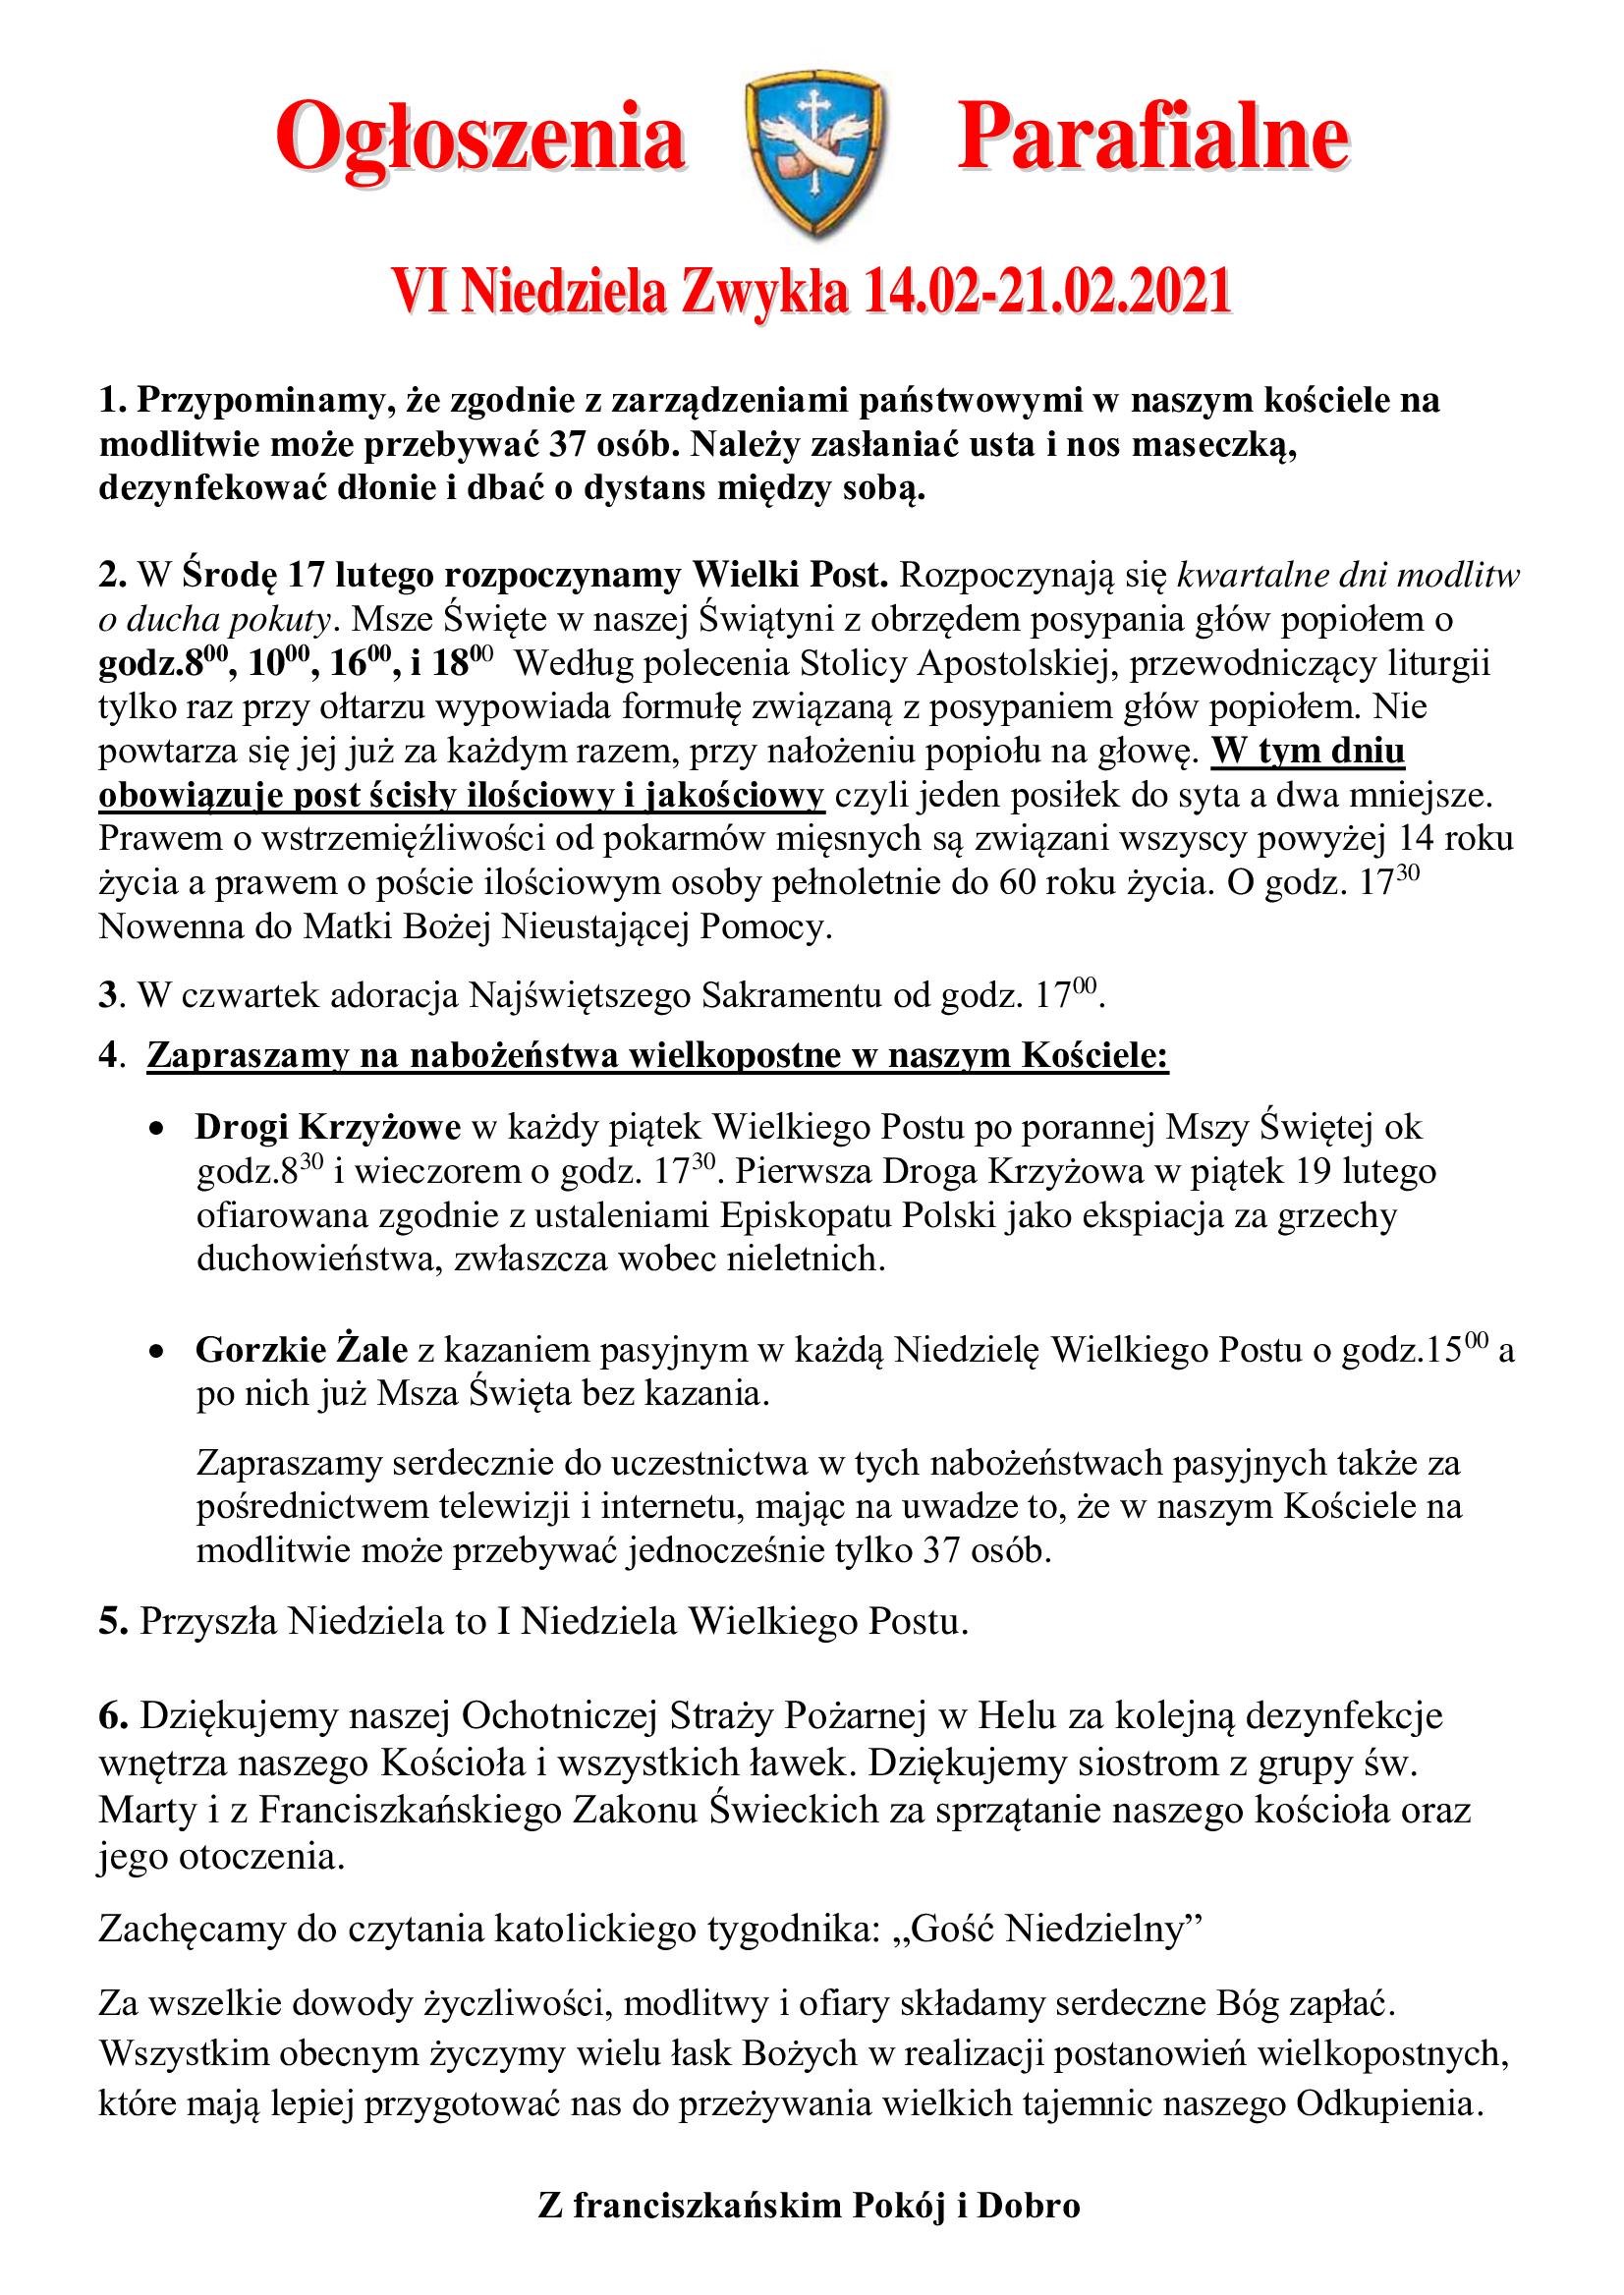 ogloszenia-parafialne-vi-niedziela-zwykla-14-02-21-02-2021